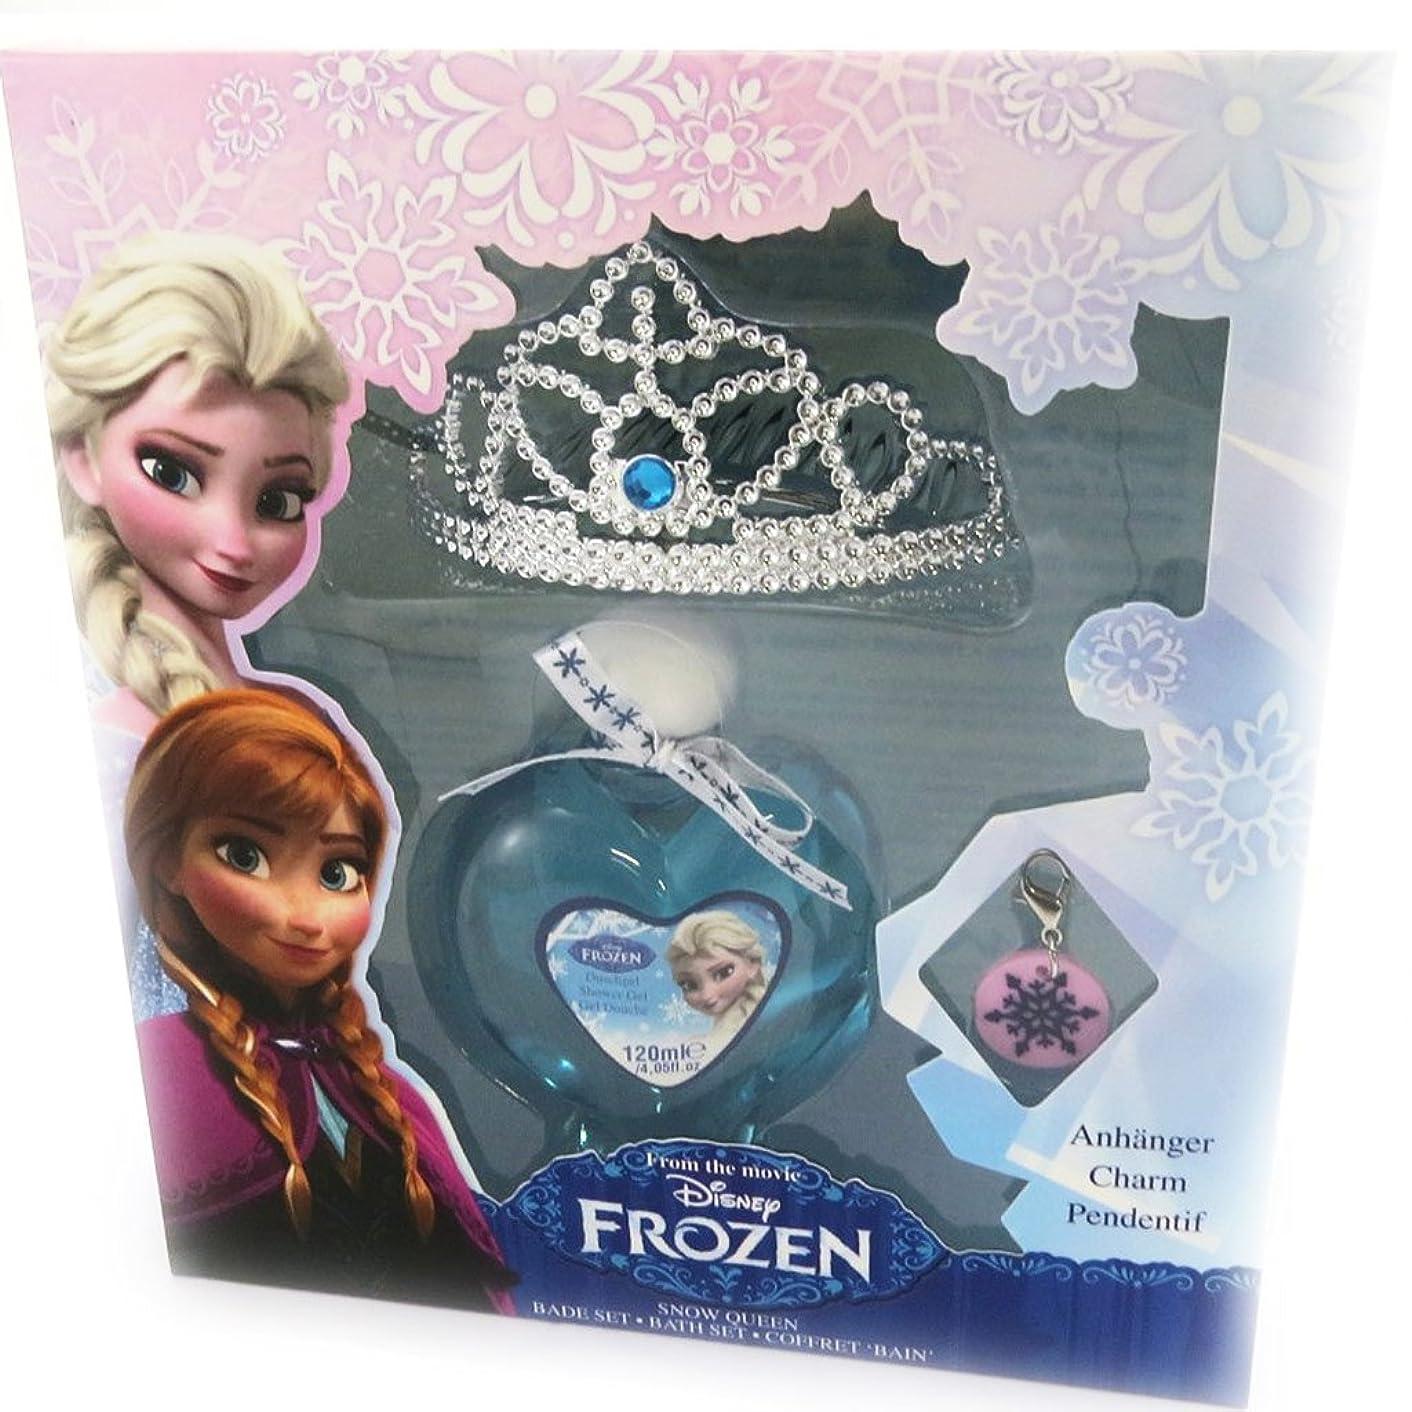 デコードする攻撃神経障害[雪の女王 (Reine des Neiges)] (Frozen - Reine des Neiges コレクション) [M2699] ボディソープ ブルー